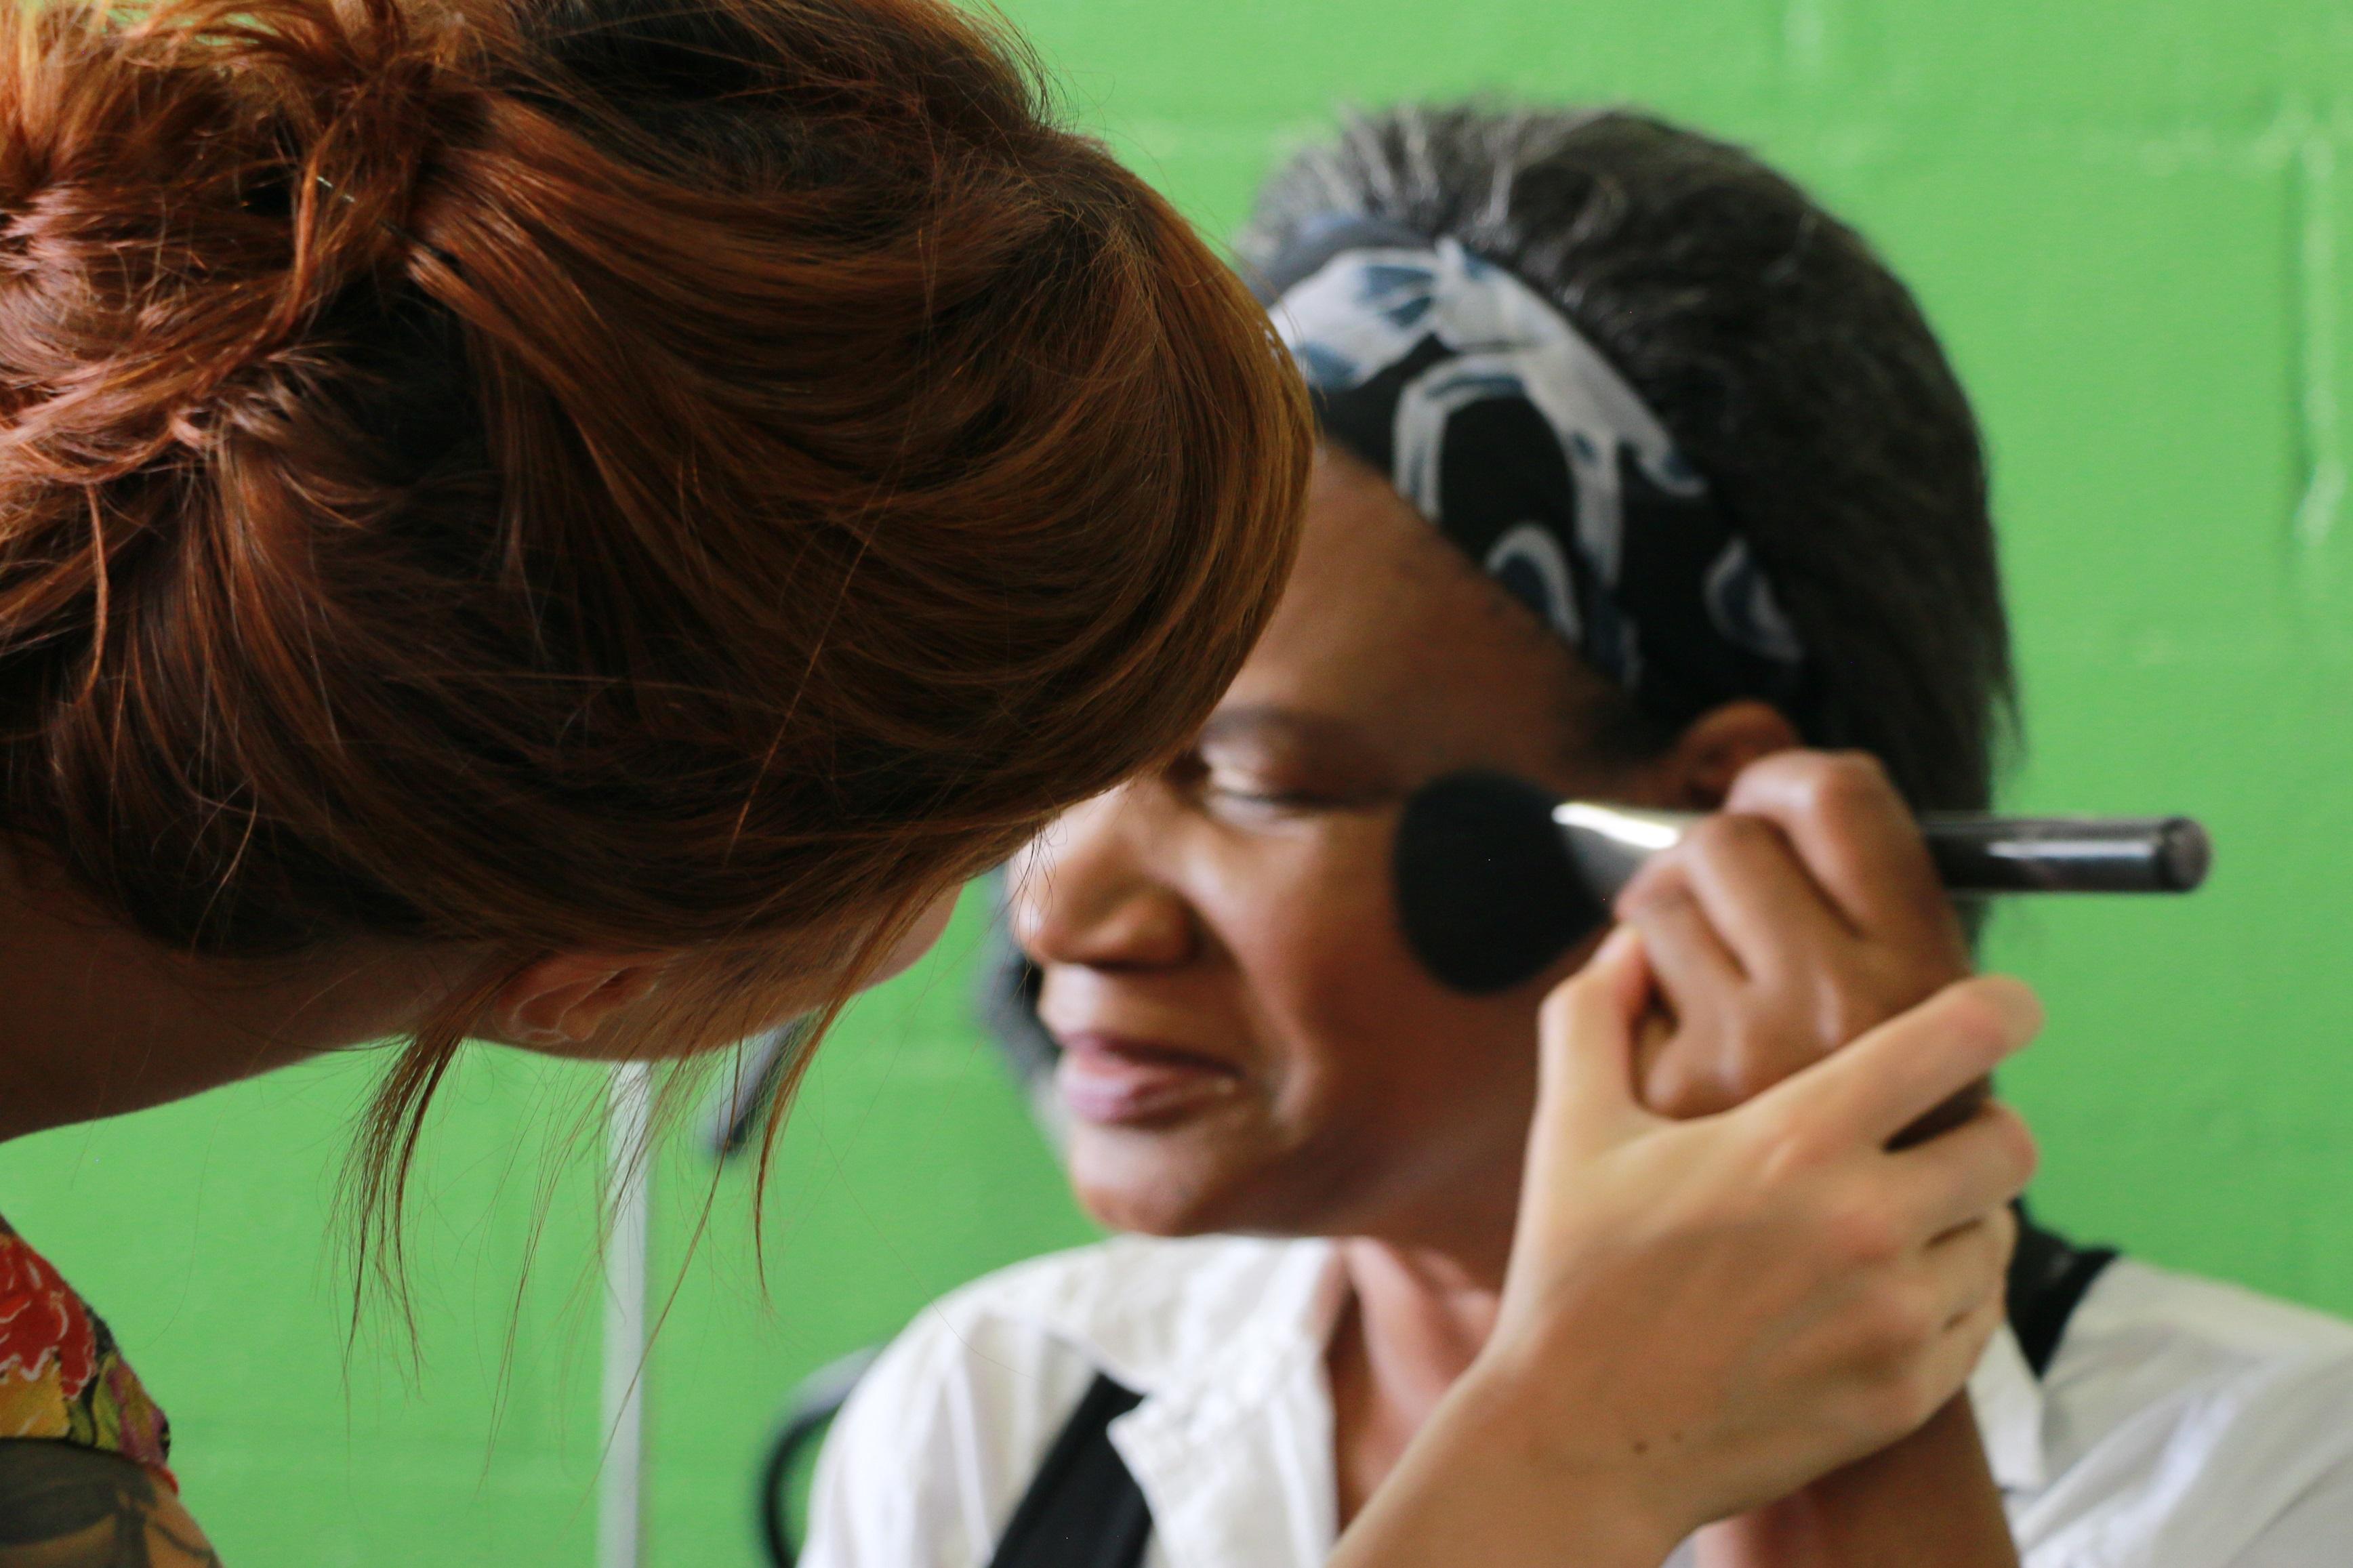 Juliana Rakoza: Maquiagem para deficientes visuais